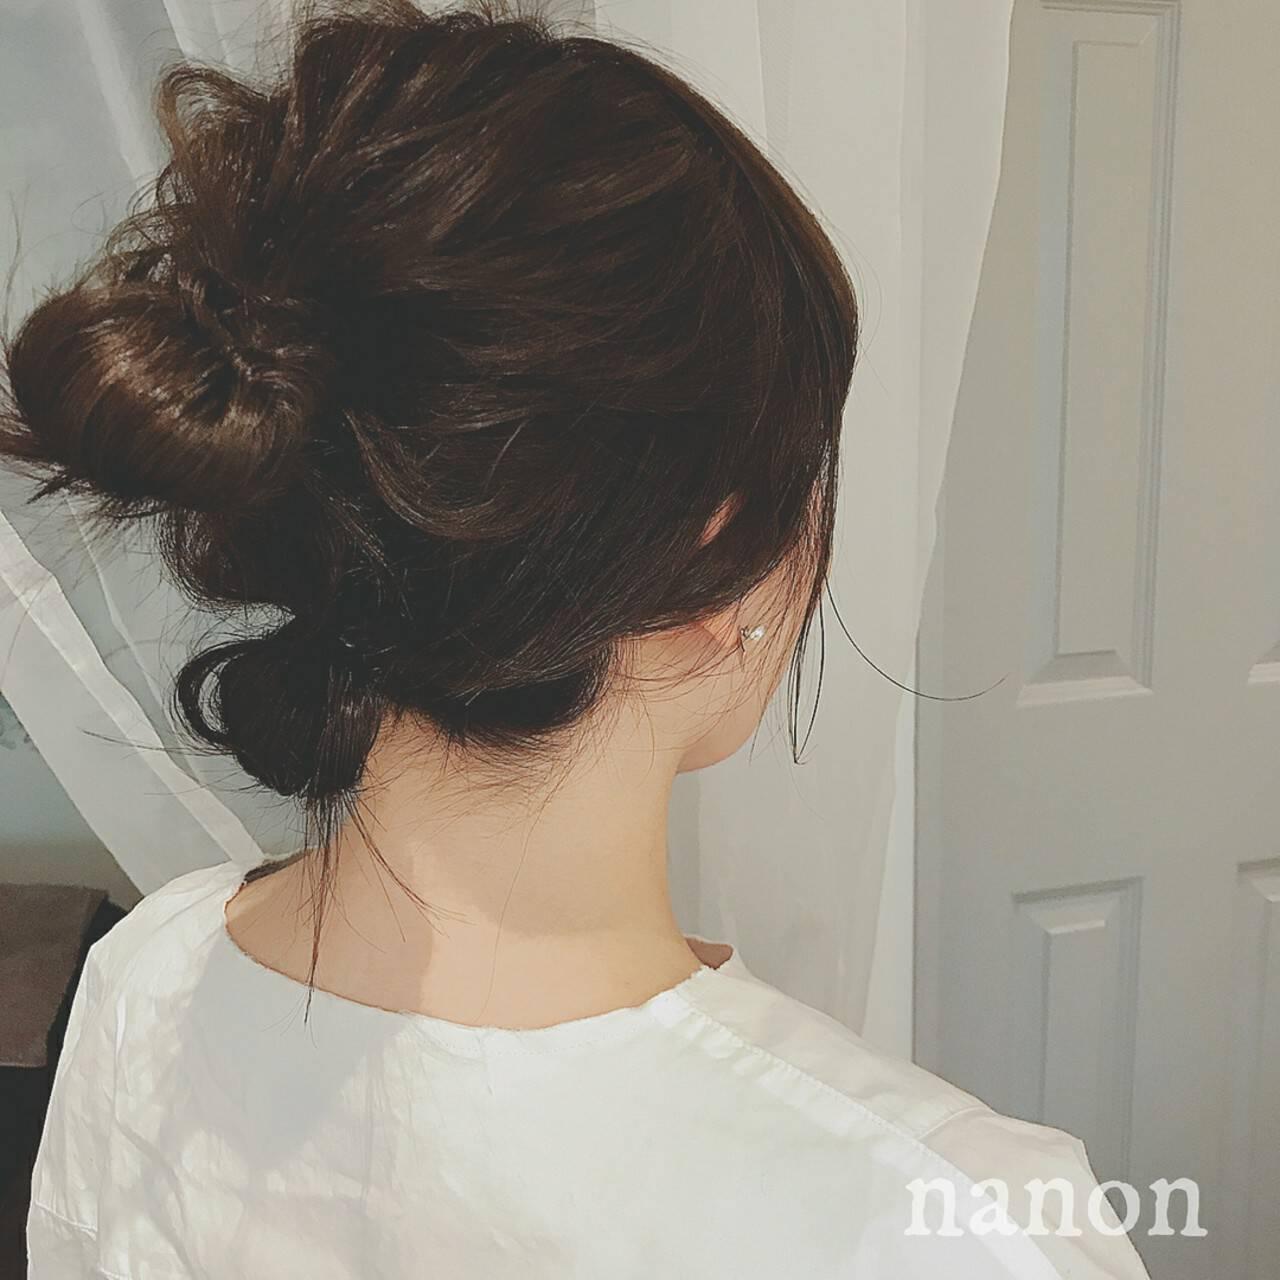 大人かわいい パーティ ミディアム ゆるふわヘアスタイルや髪型の写真・画像